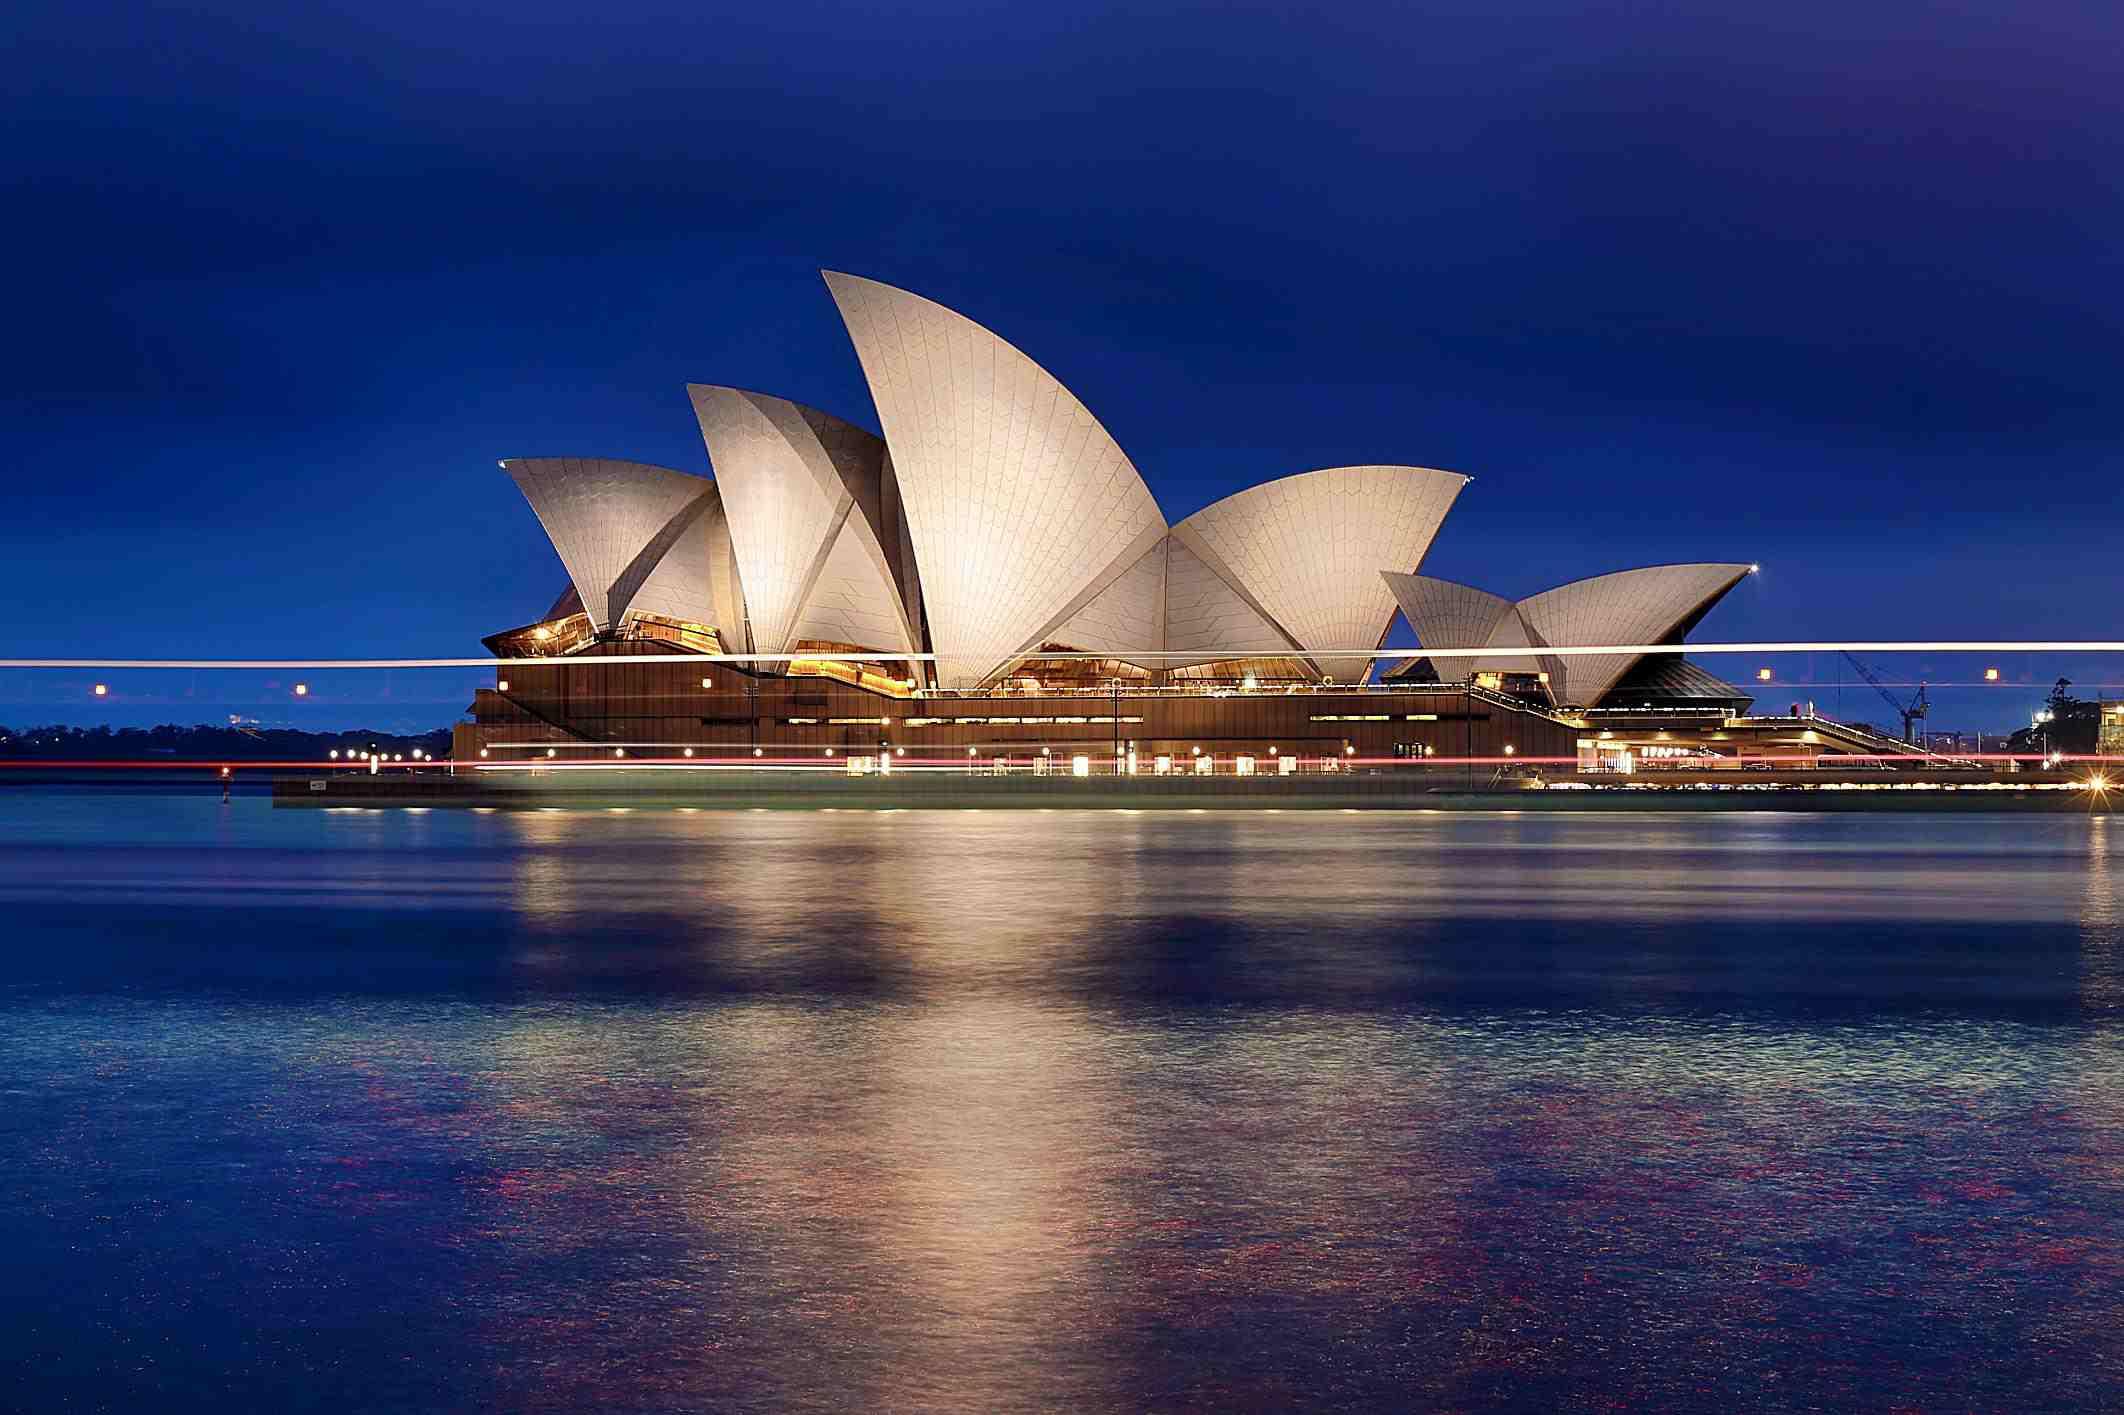 La ópera de Sidney, símbolo de Australia